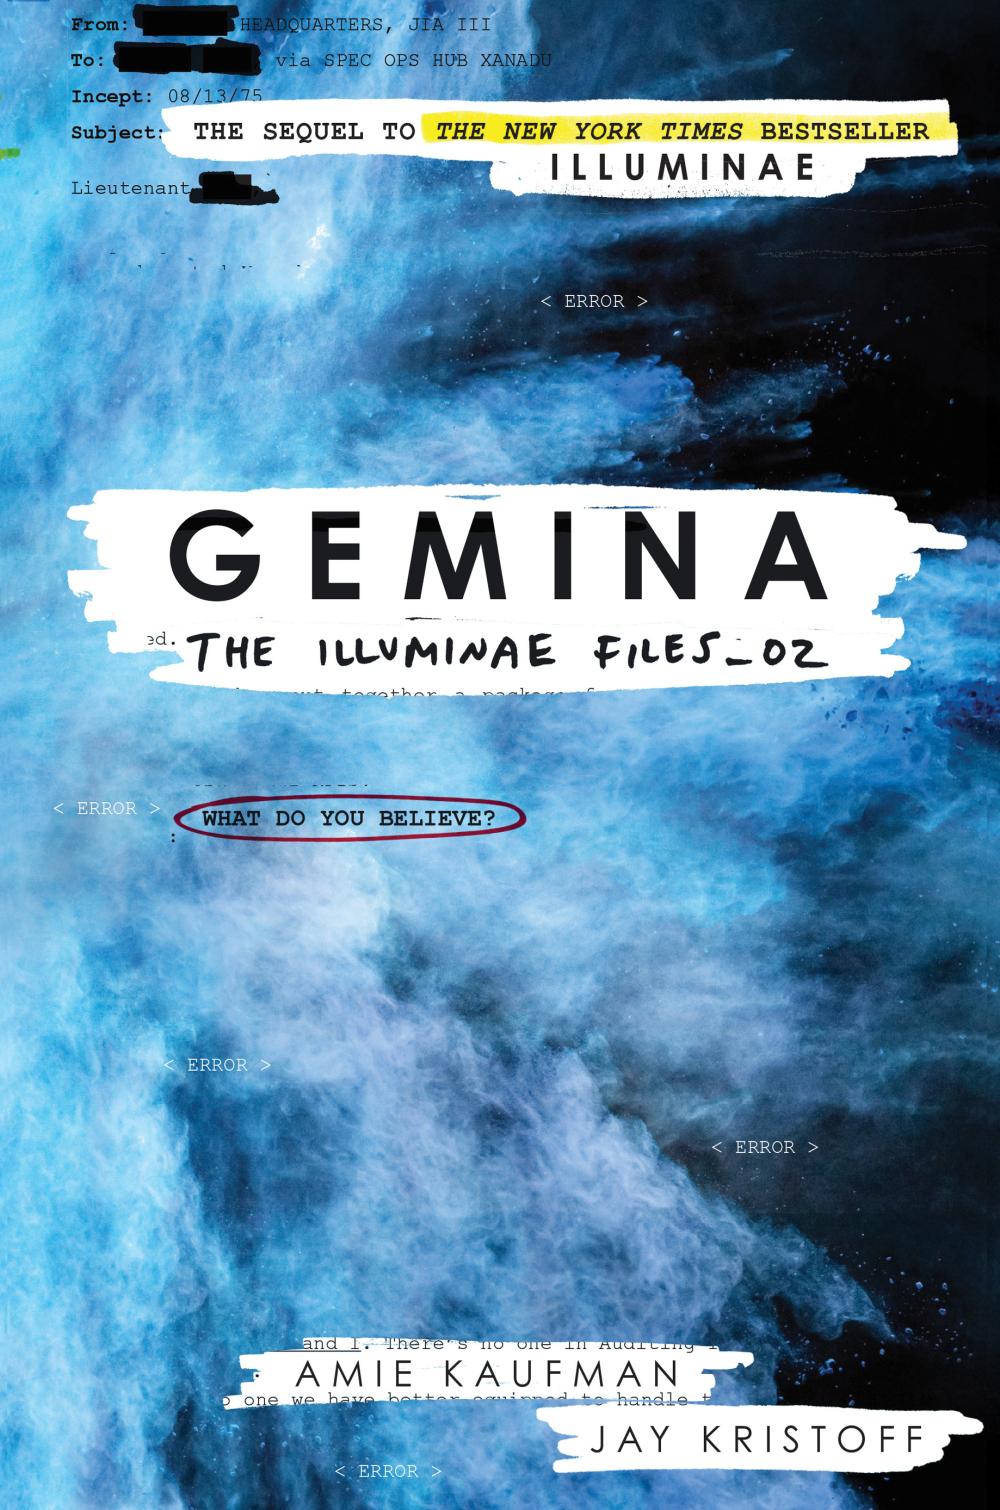 https://www.goodreads.com/book/show/24909346-gemina